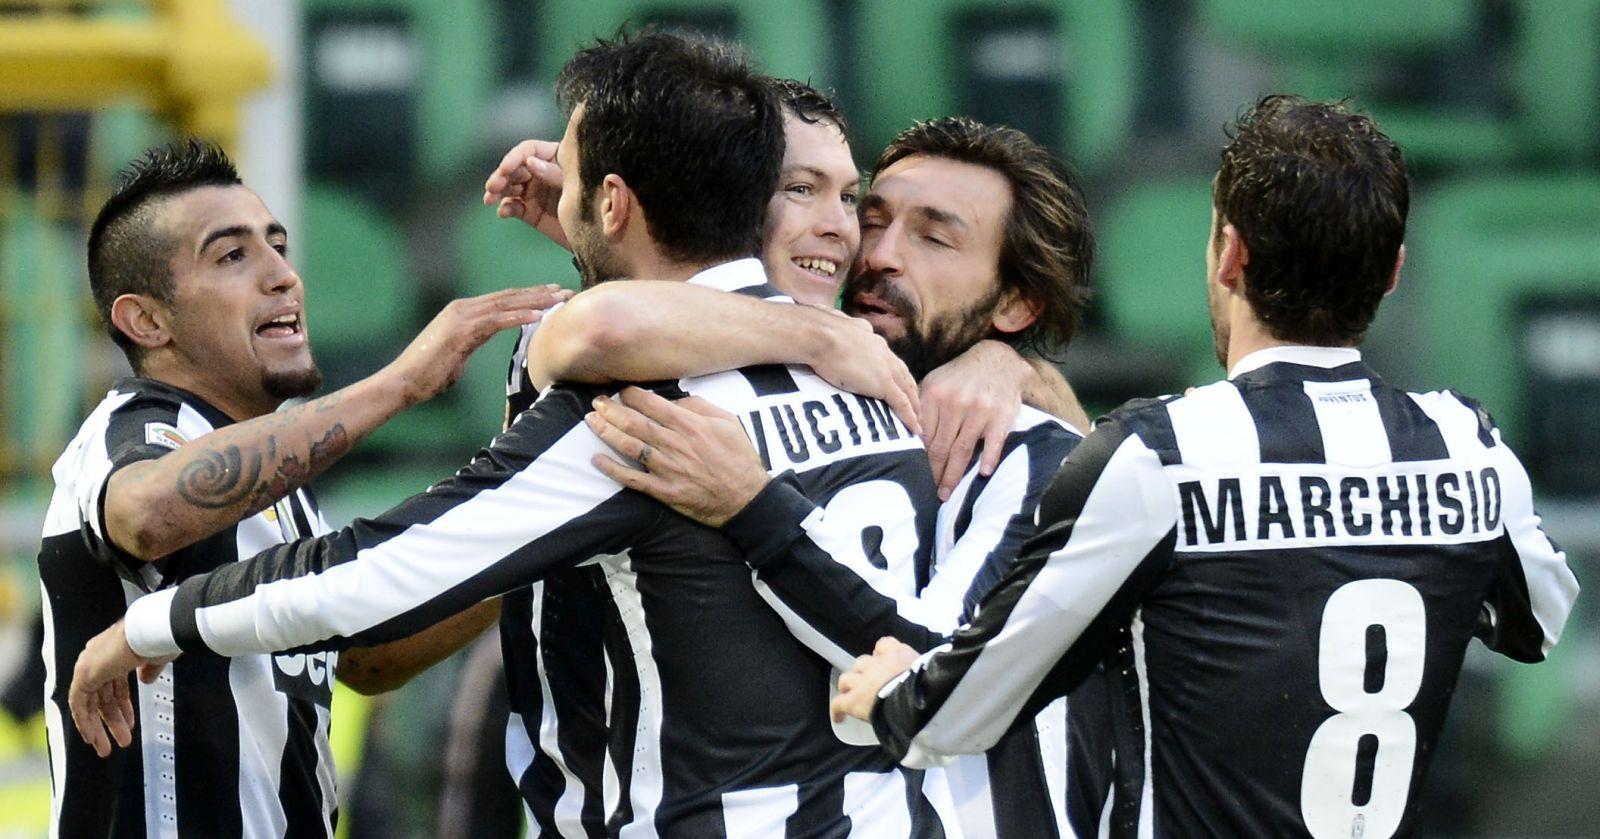 Pirlo y Buffon habrían contactado a Arturo Vidal para llevarlo a Juventus